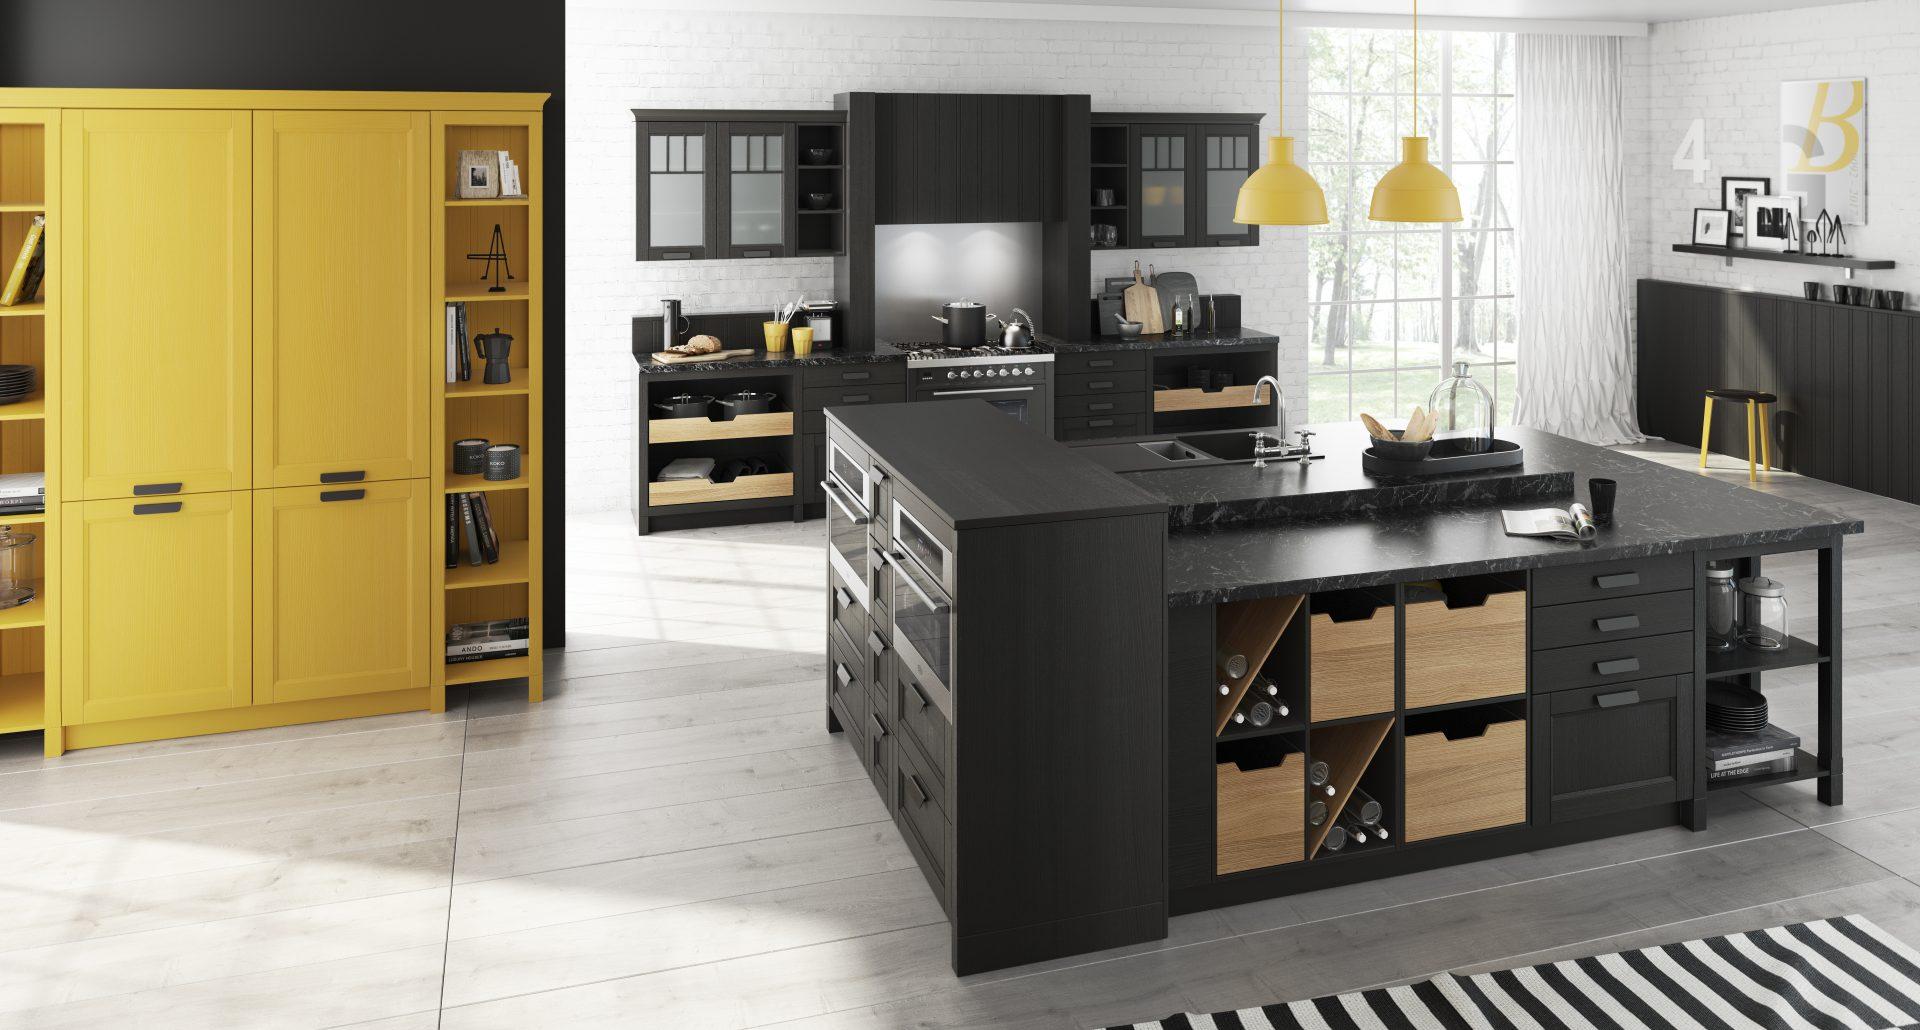 Full Size of Bauformat Kchen Nolte Schlafzimmer Küche Betten Küchen Regal Wohnzimmer Nolte Küchen Glasfront